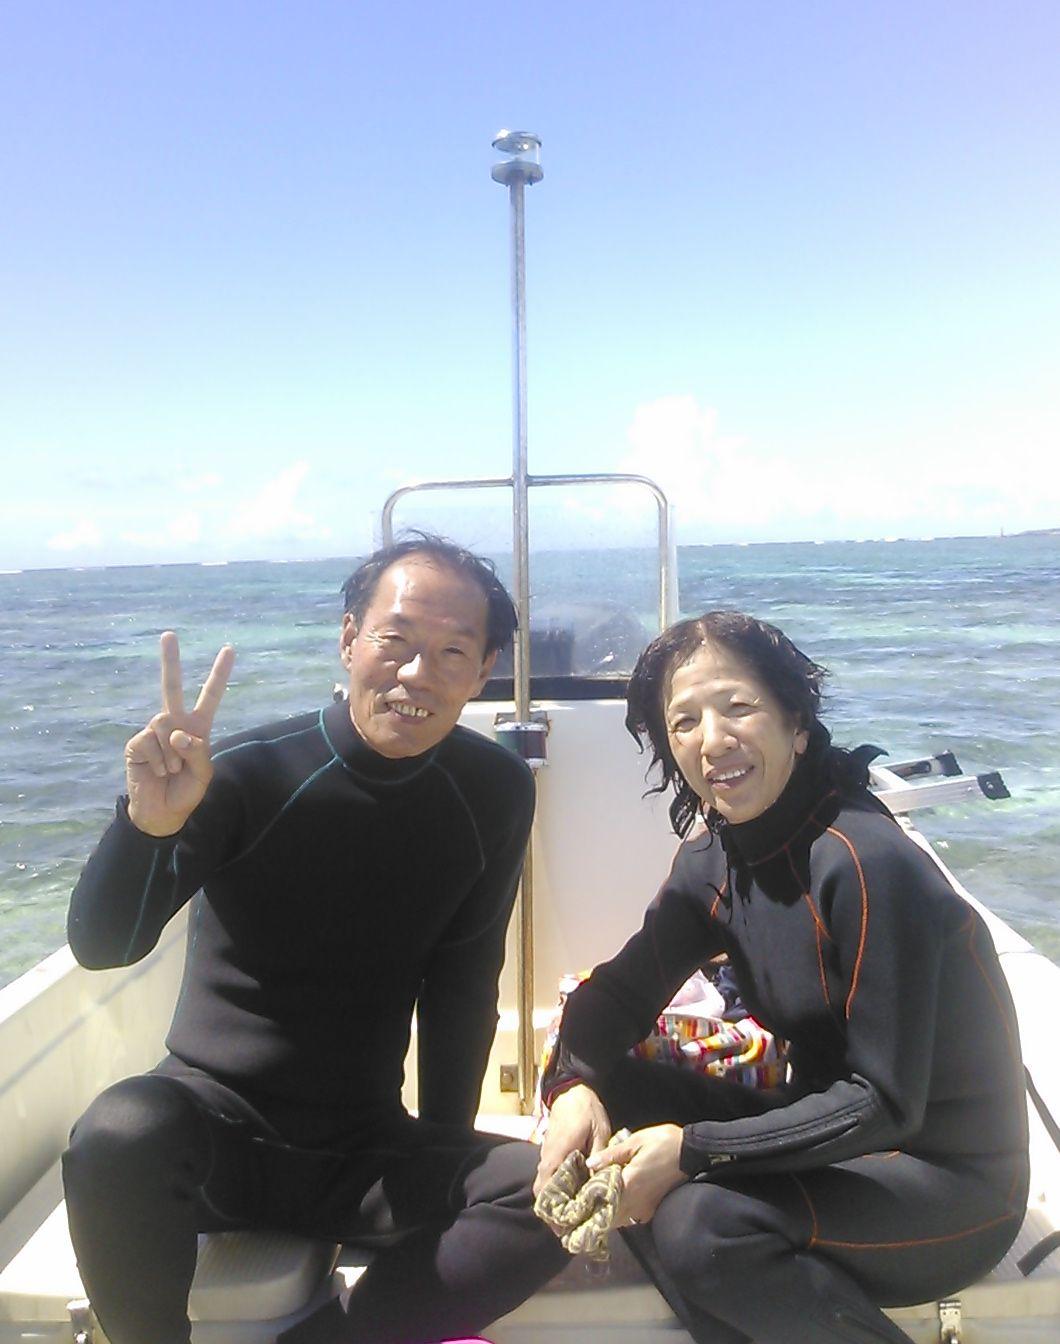 I田さんご夫婦。ボート上ではお互いに写真の取り合いっこしていました